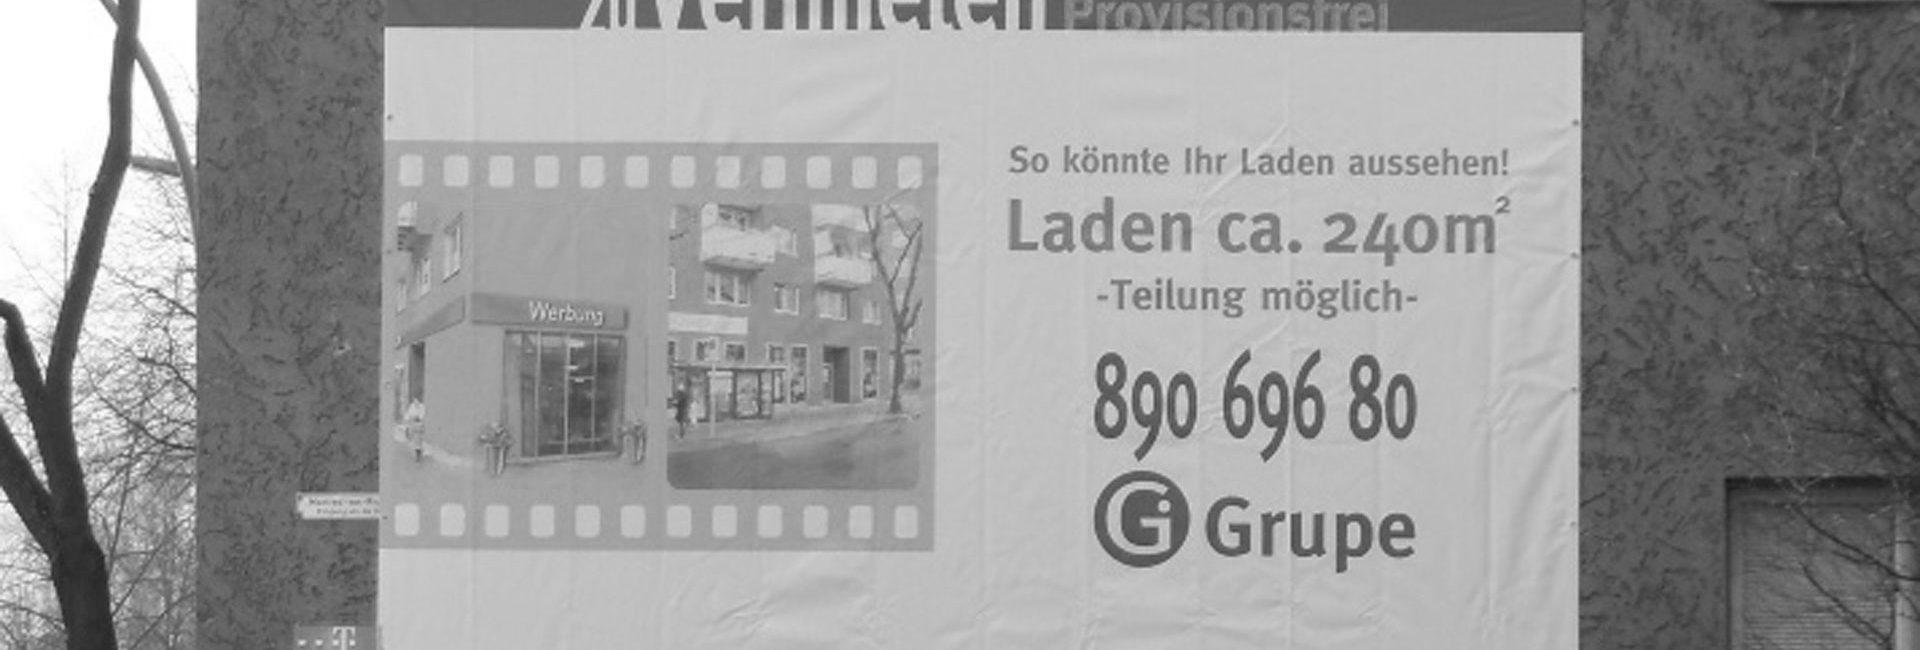 Werbeplanen von Kreative Werbung aus Falkensee